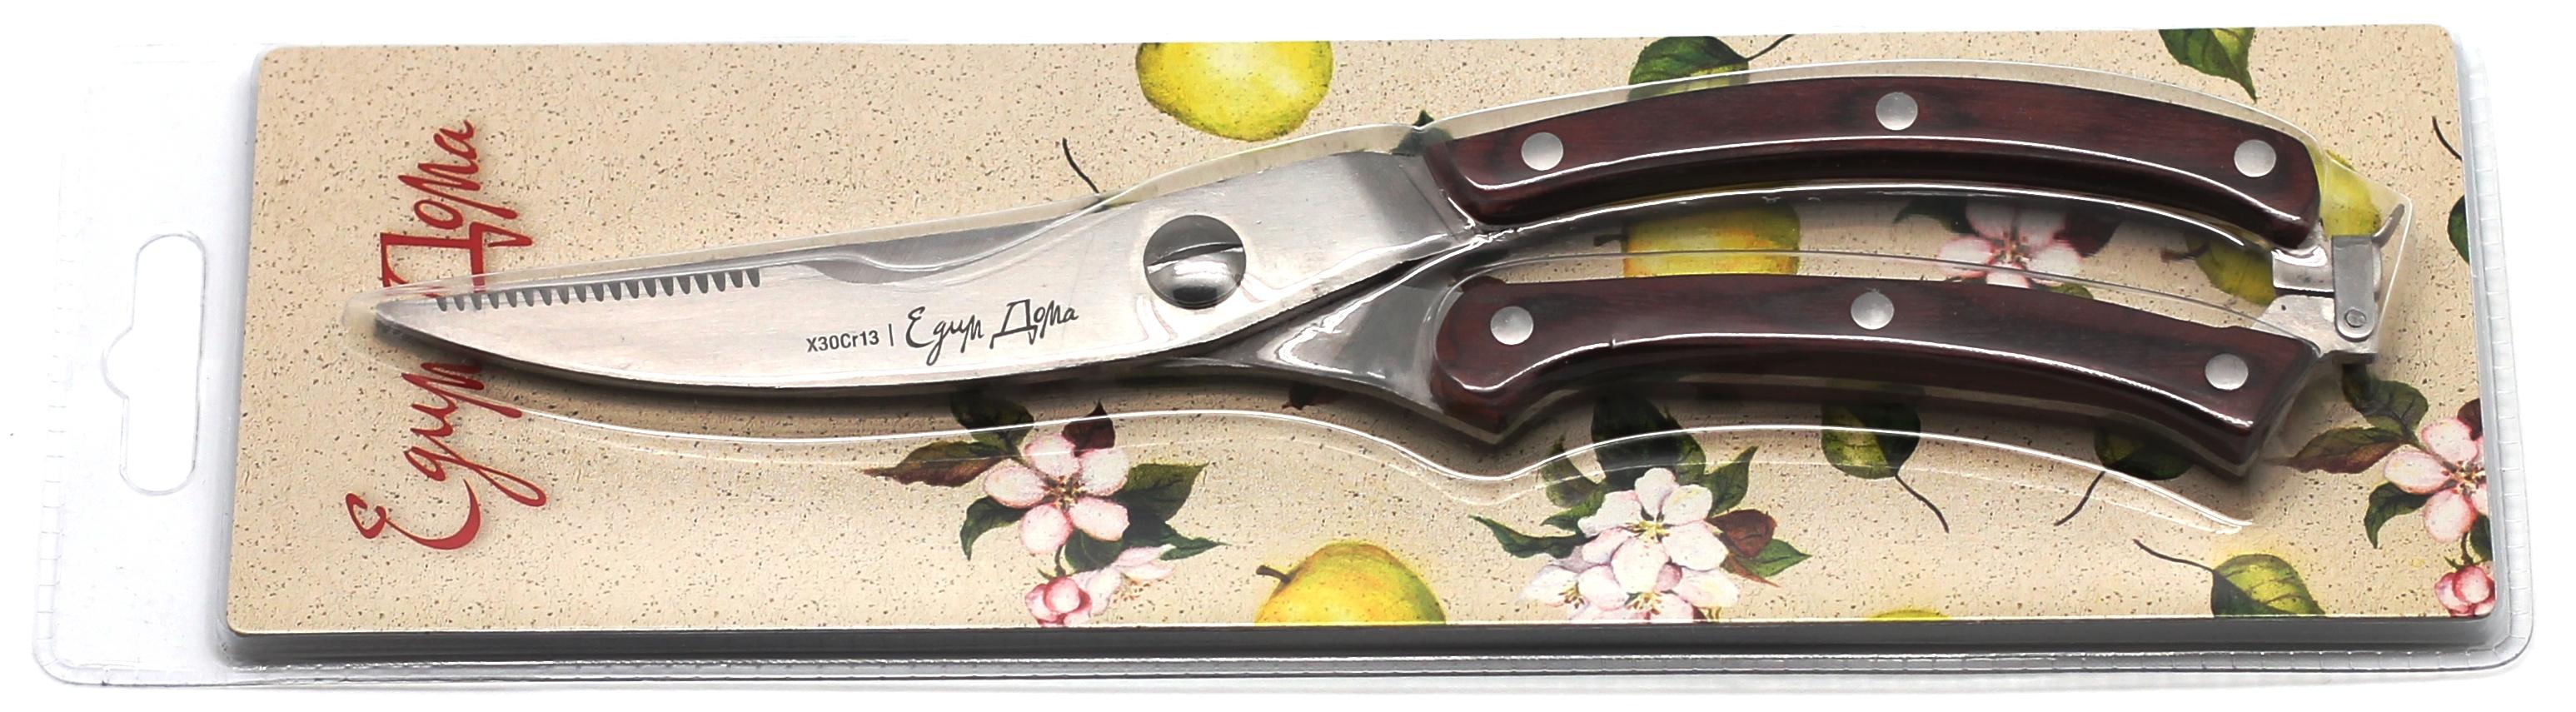 Ножницы кухонные Едим дома, цвет: коричневый, 20 см. ED-413ED-413Ножницы кухонные Едим дома, изготовленные из нержавеющей стали и пластика, универсальный помощник в вашем доме. Кухонные ножницы похожи на обычные, но имеют более мощные утолщенные ручки и лезвия с очень острыми кончиками. Они отлично справляются со многими кухонными работами, начиная с нарезки свежей зелени или пиццы и вскрытия прочных картонных и полимерных упаковок, заканчивая разделкой рыбы и птицы (срезание плавников, разрезание тушки цыпленка на порционные части). Ножницы на кухне можно смело отнести к предметам первой необходимости!